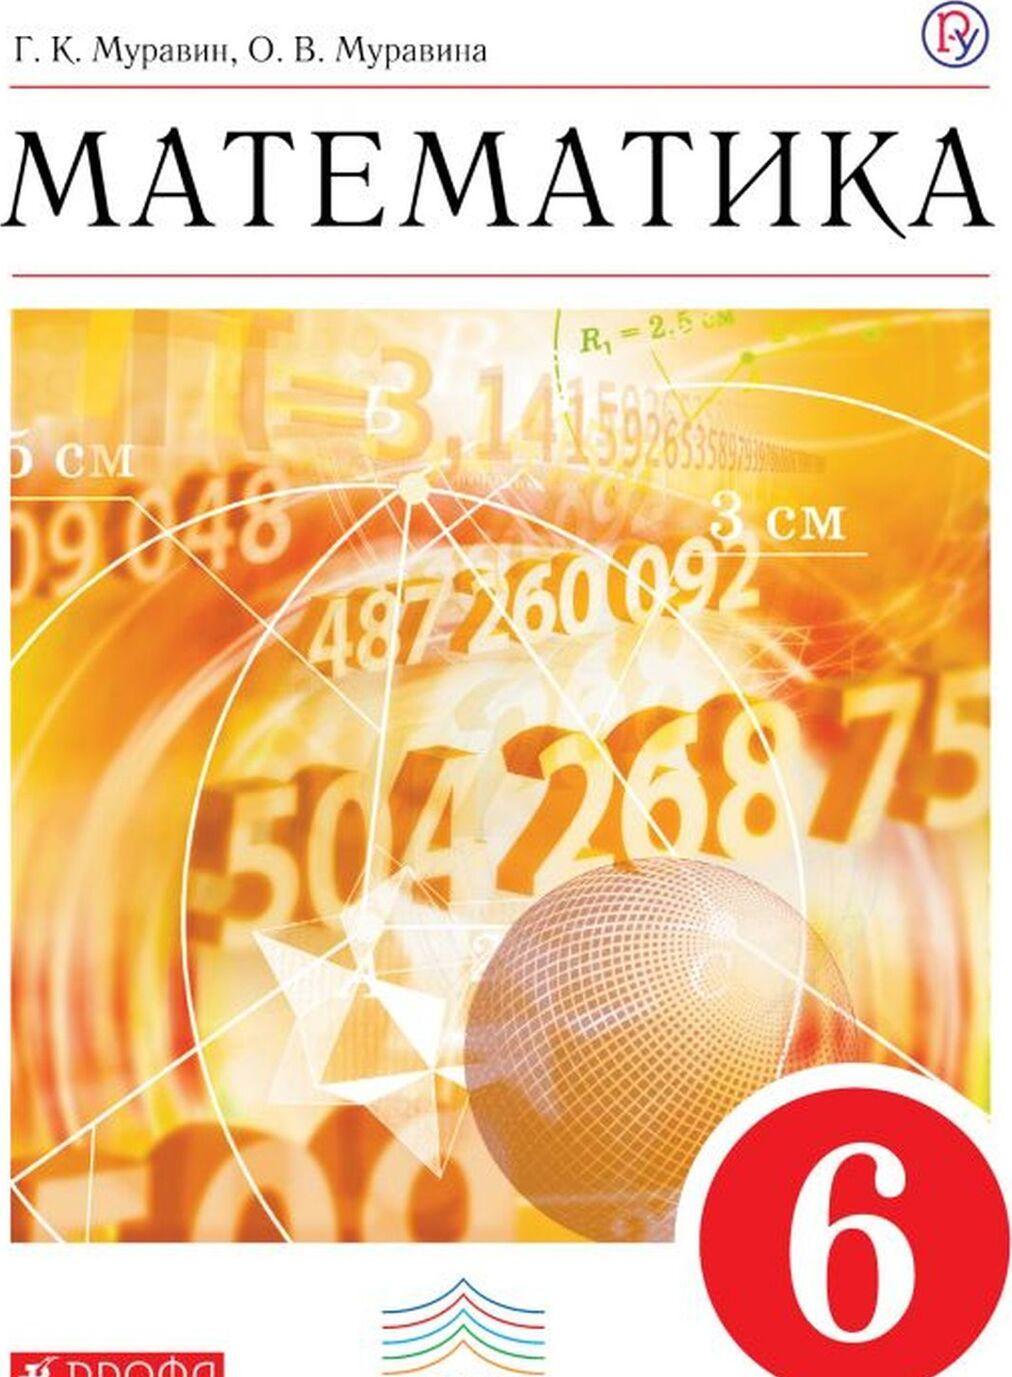 Matematika. 6 klass. Uchebnik | Muravin Georgij Konstantinovich, Muravina Olga Viktorovna